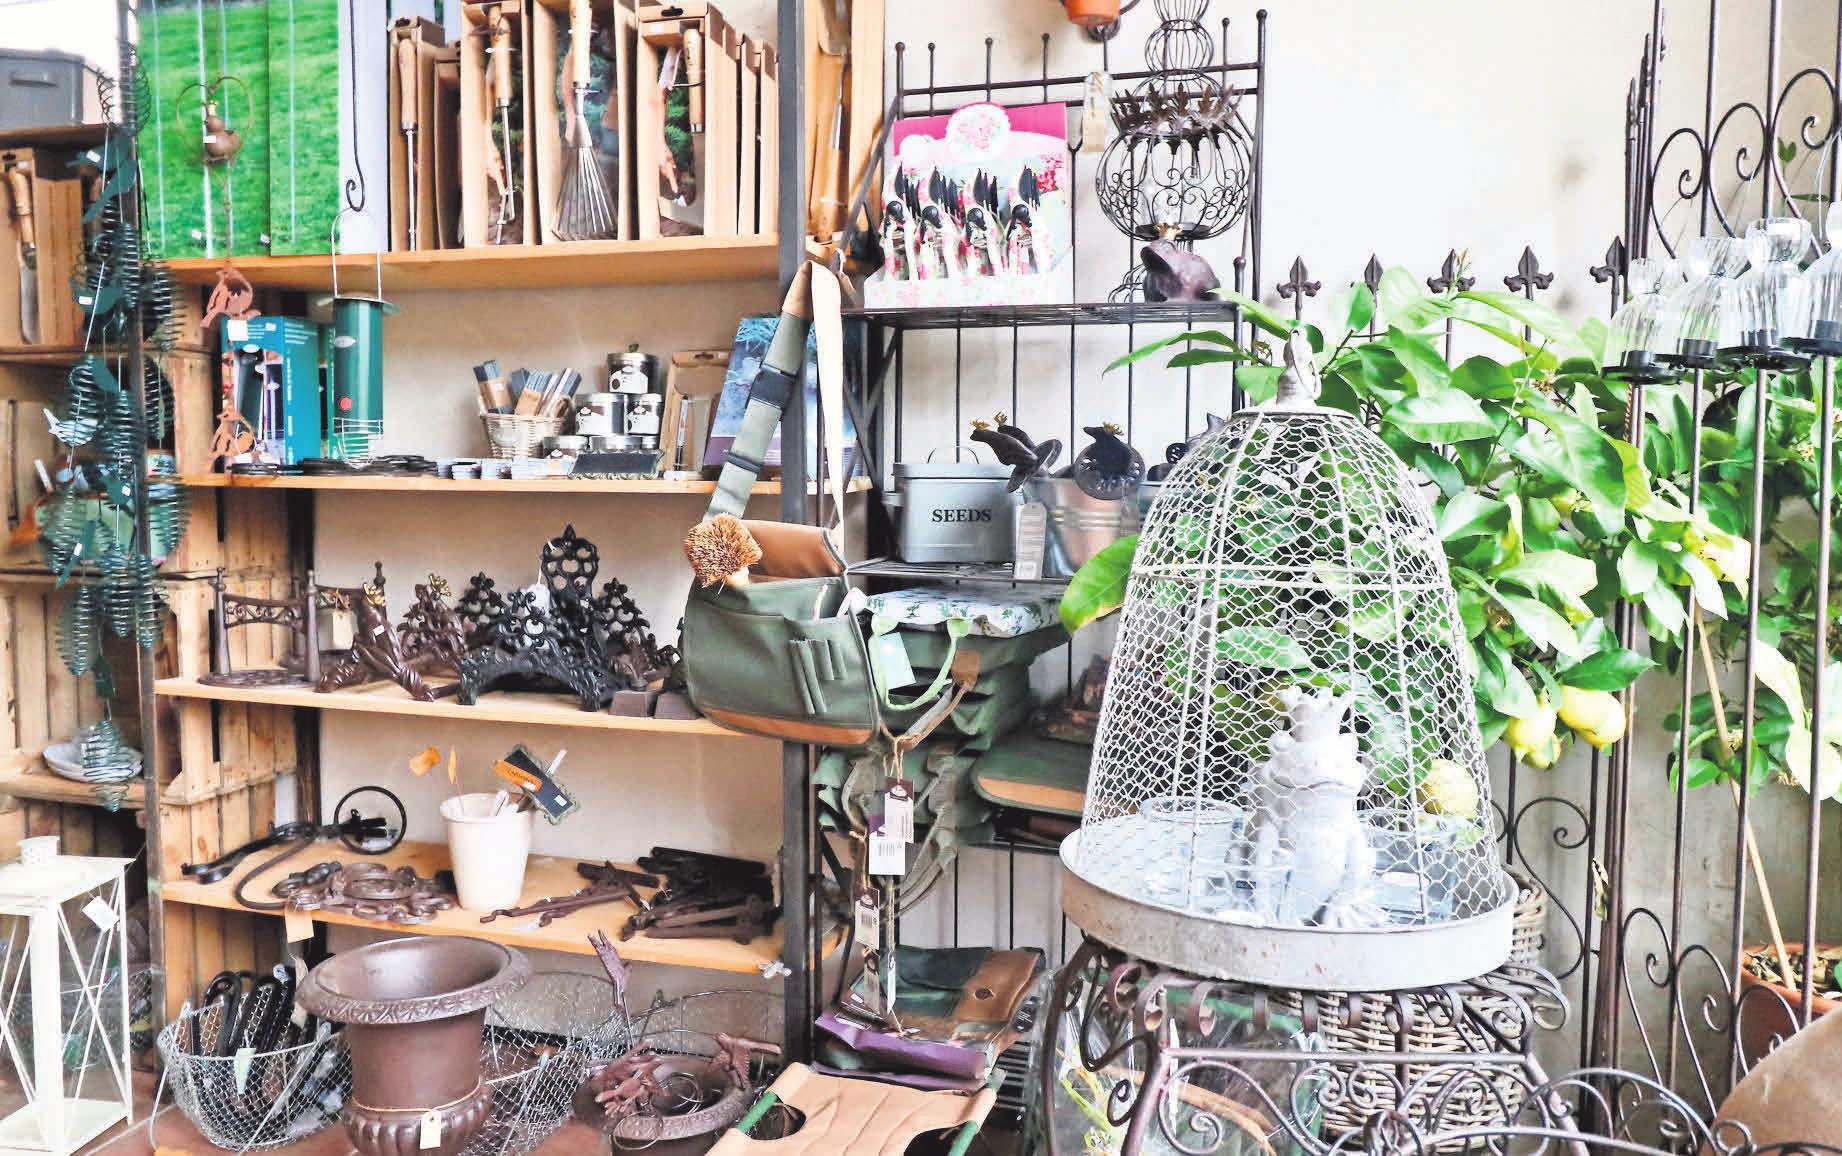 Mit den Gartenwerkzeugen, Rankhilfen und wunderschönen Accessoires für Terrasse und Beet von Home & Garden kann der Sommer kommen